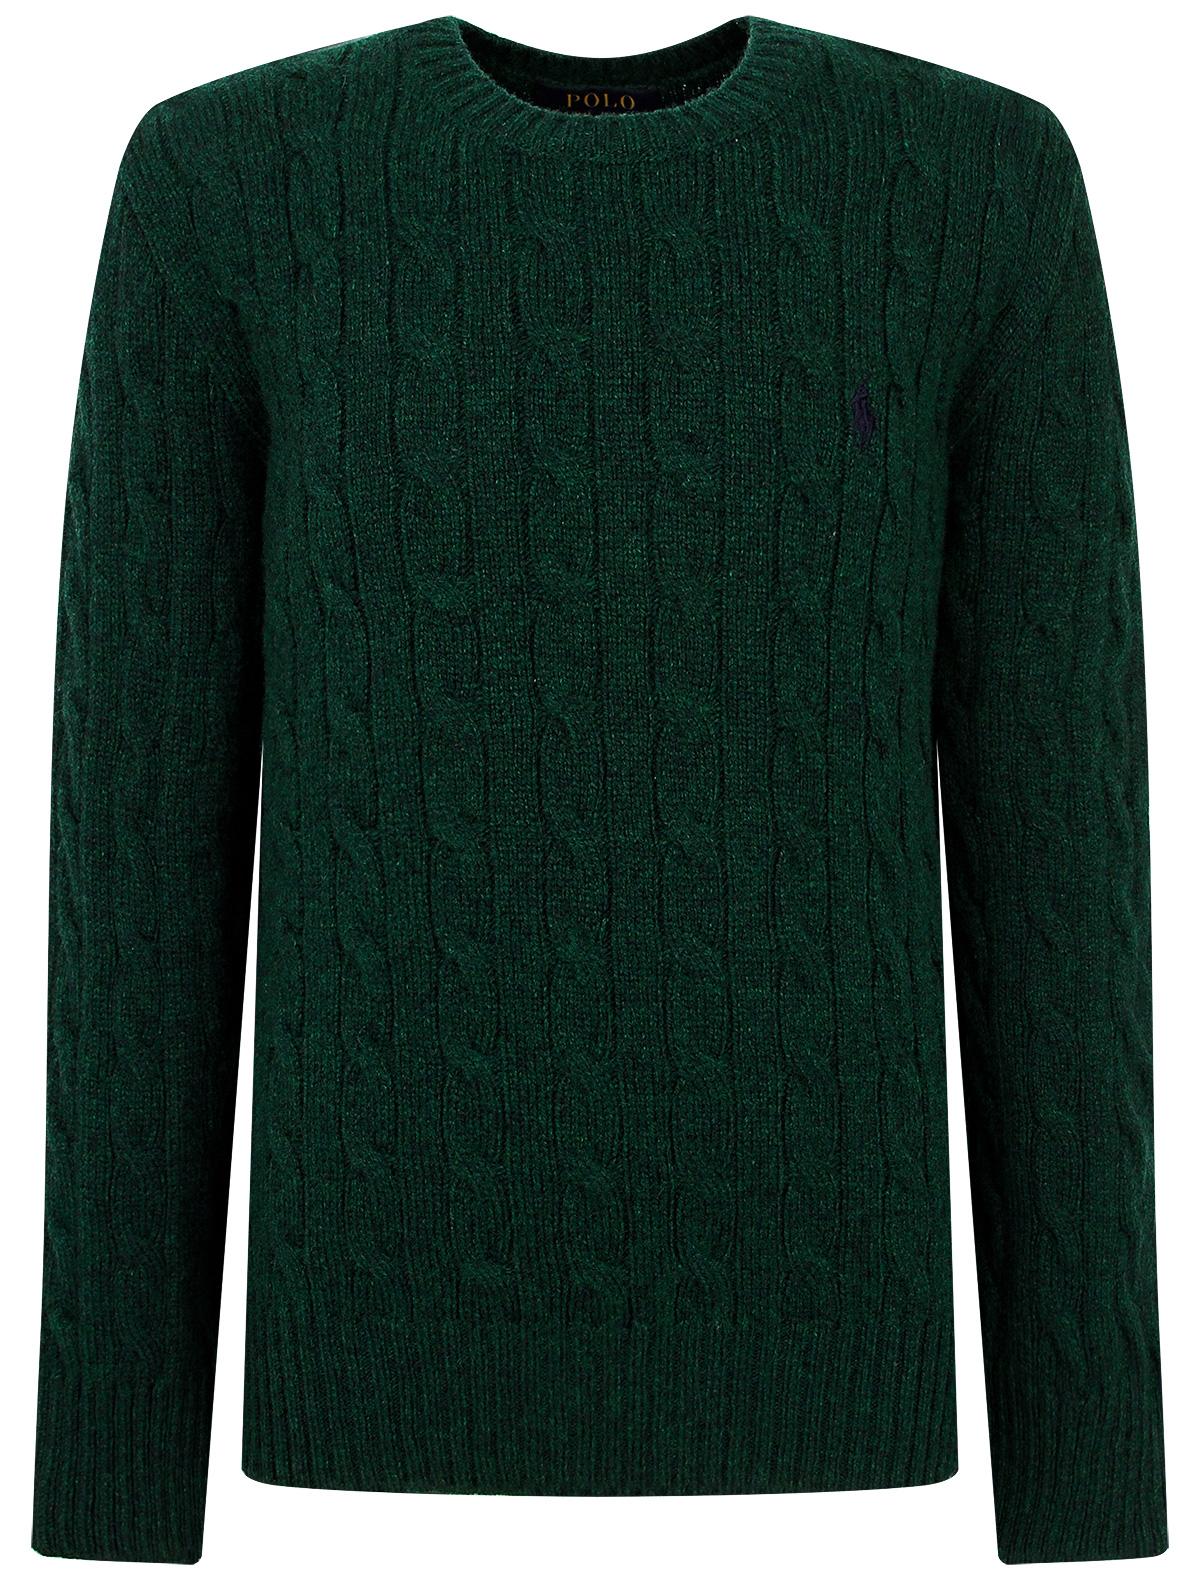 Купить Джемпер Polo Ralph Lauren для мальчиков 321702589014 зеленый 92,